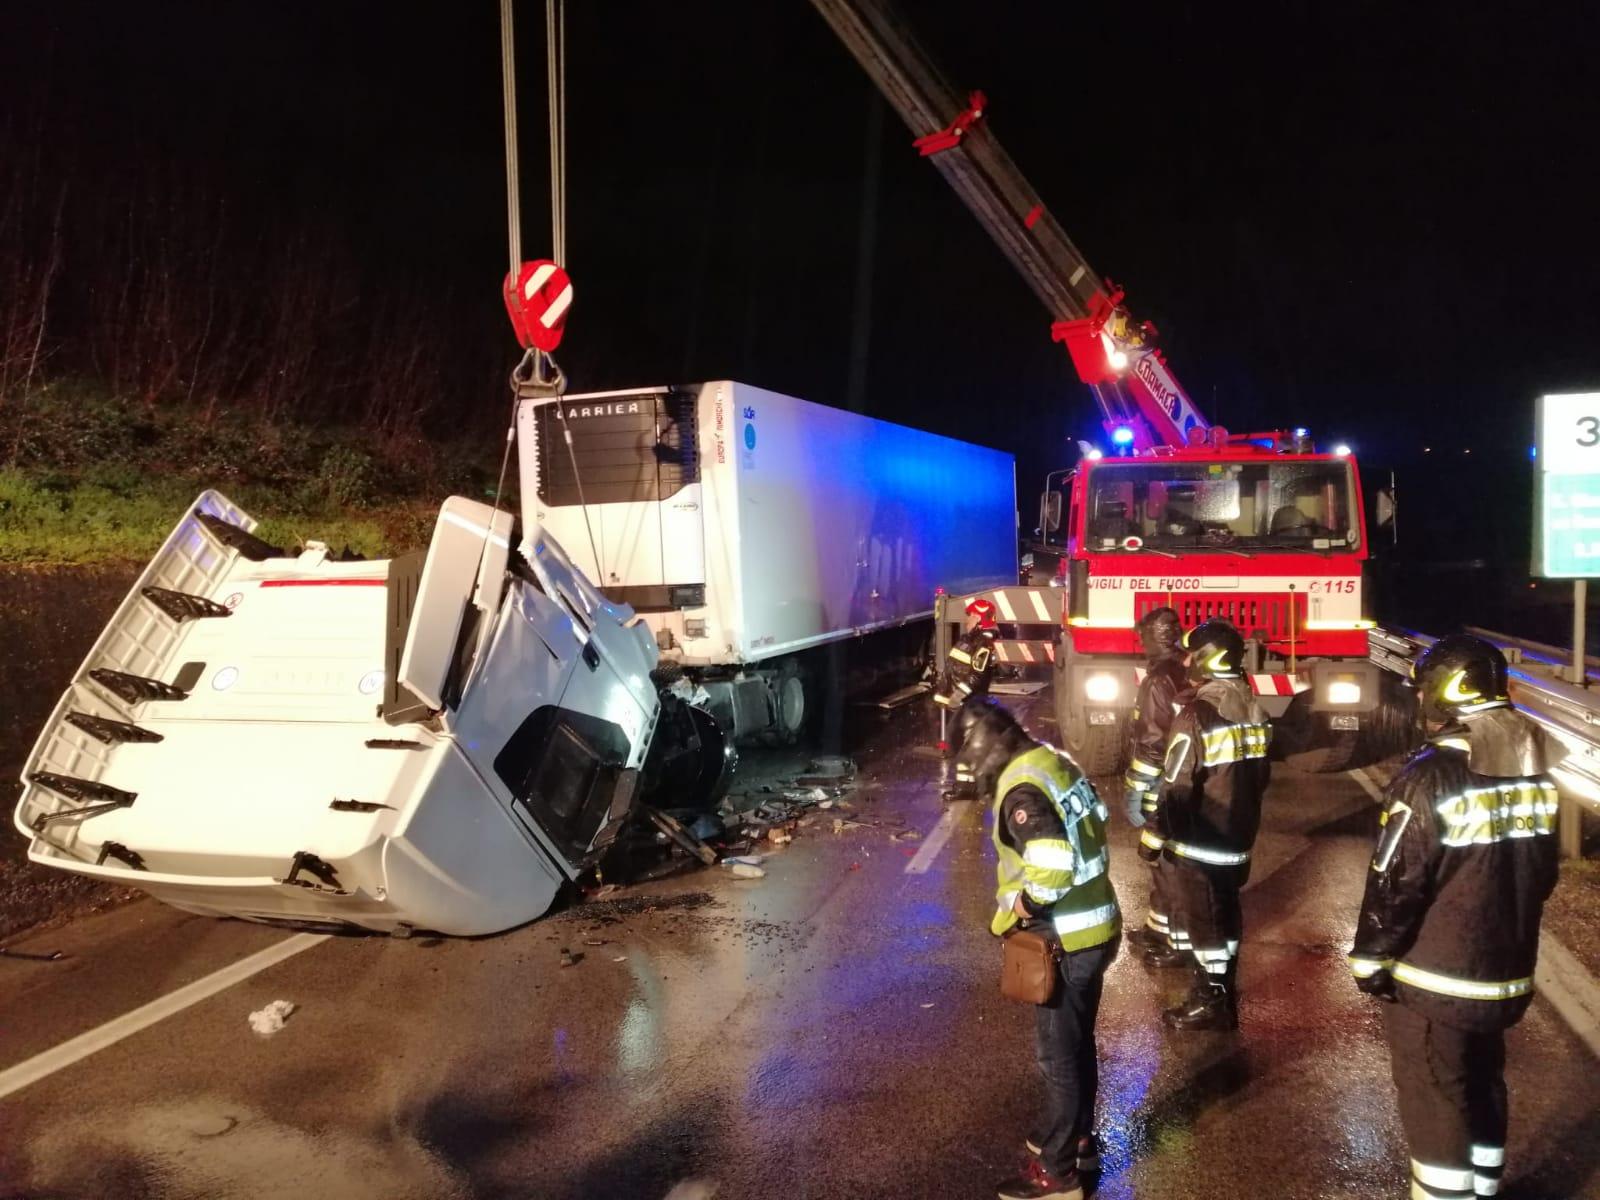 Castel del lago| Tir si ribalta sul raccordo autostradale , ferito 30enne